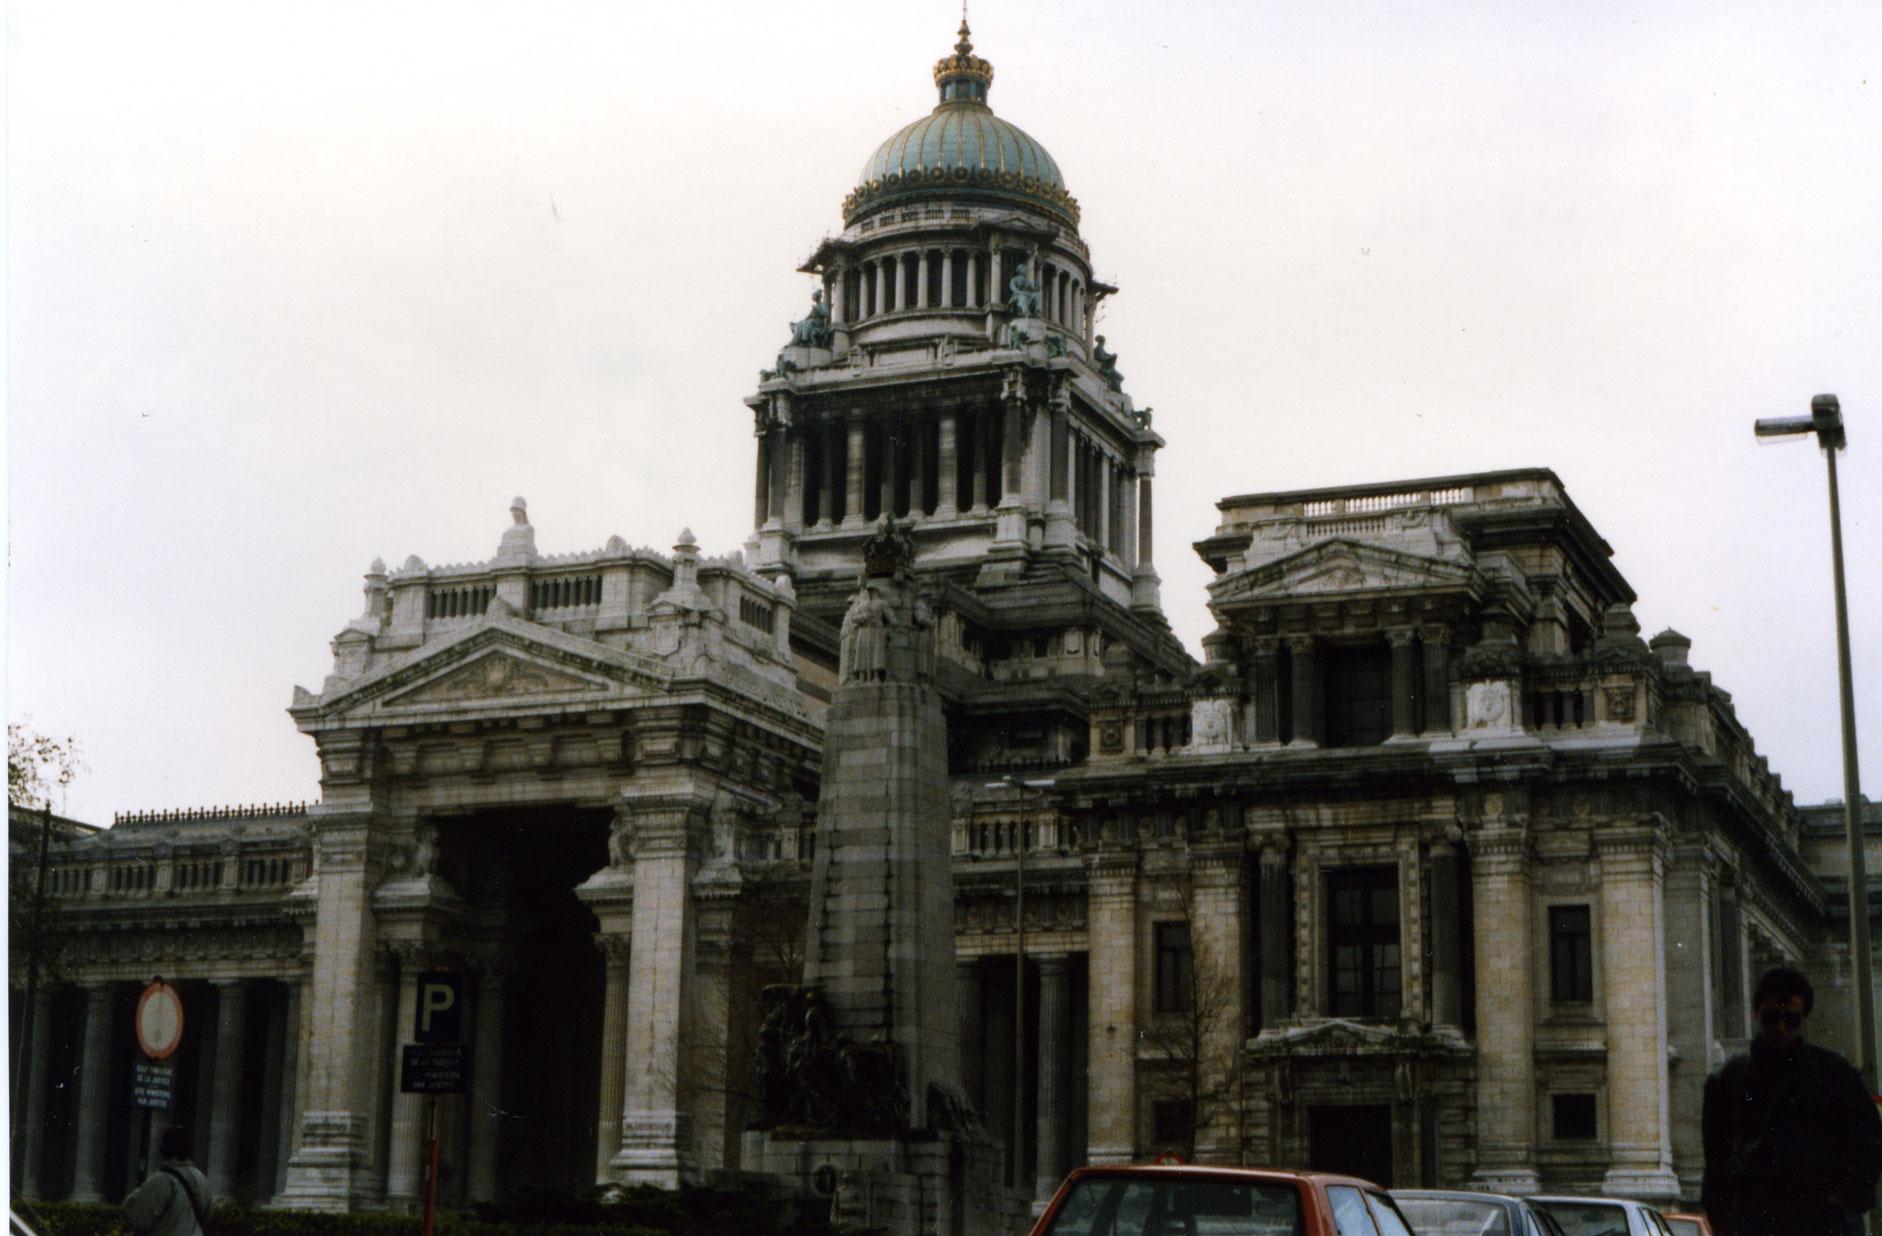 1989'dan yadigâr analog bir resim: Adalet Sarayı'nın ihtişamı bir mesaj mı taşıyor?